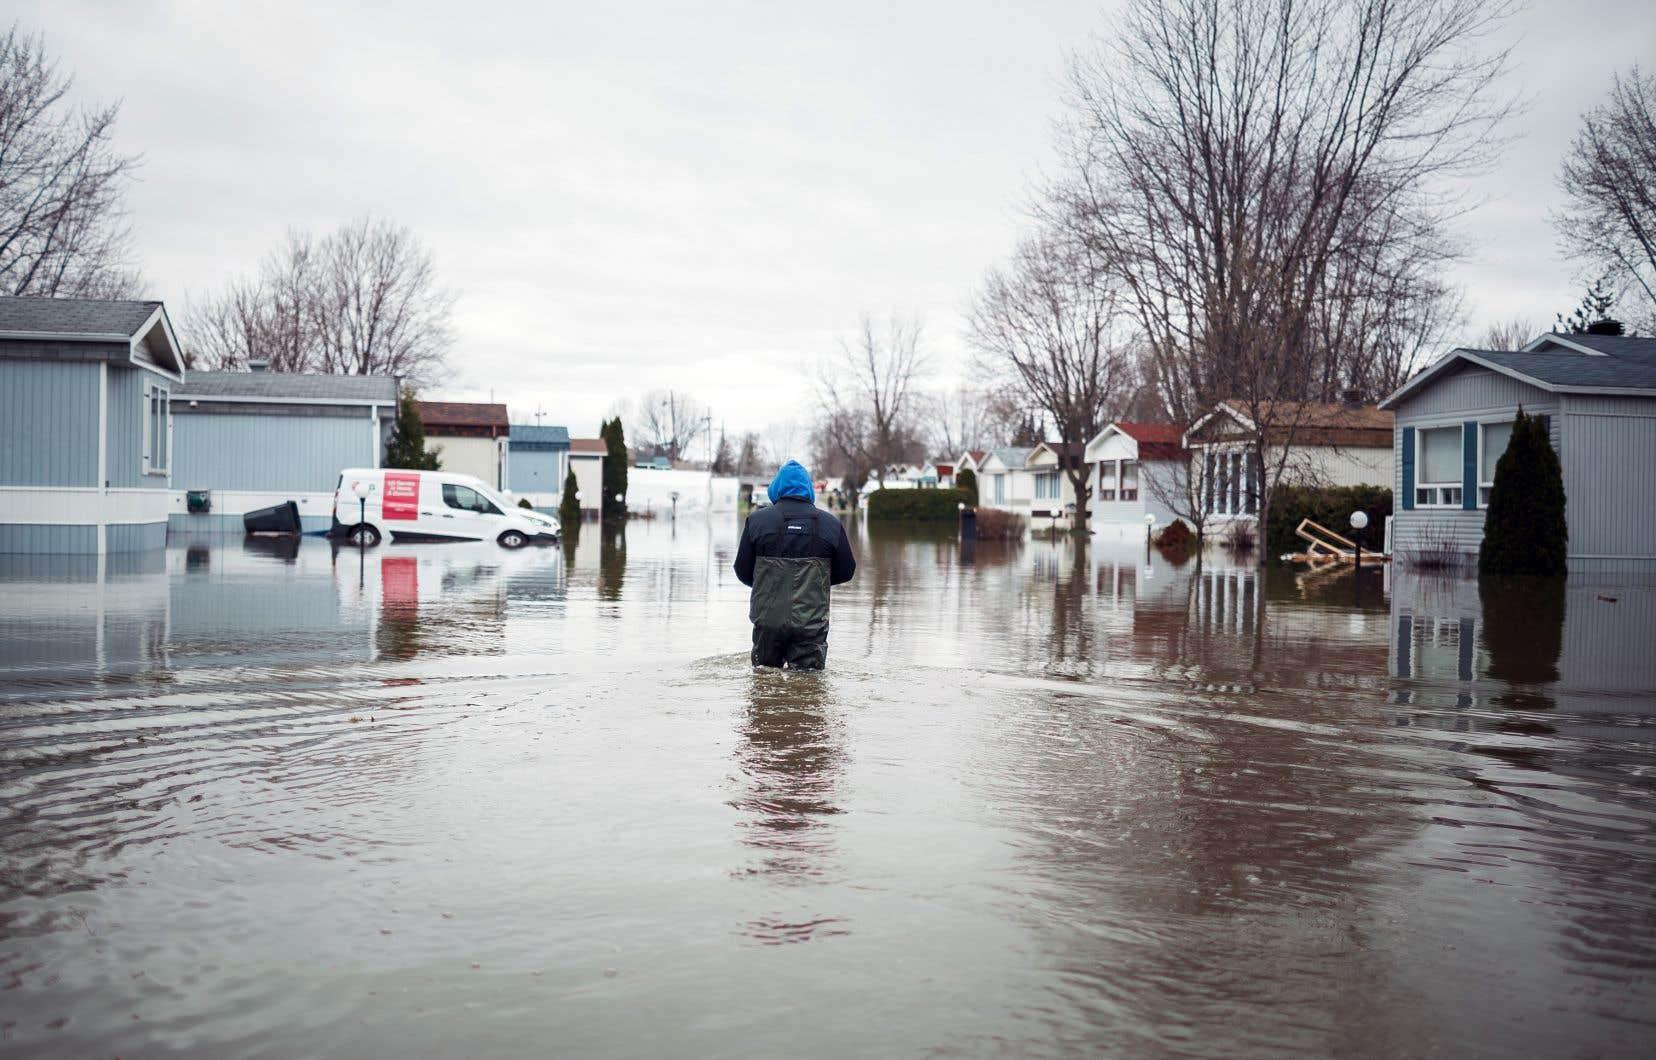 Les dernières inondations printanières, notamment à Sainte-Marthe-sur-le-Lac, ont poussé Québec à décréter un moratoire sur les constructions et les rénovations en zones inondables.